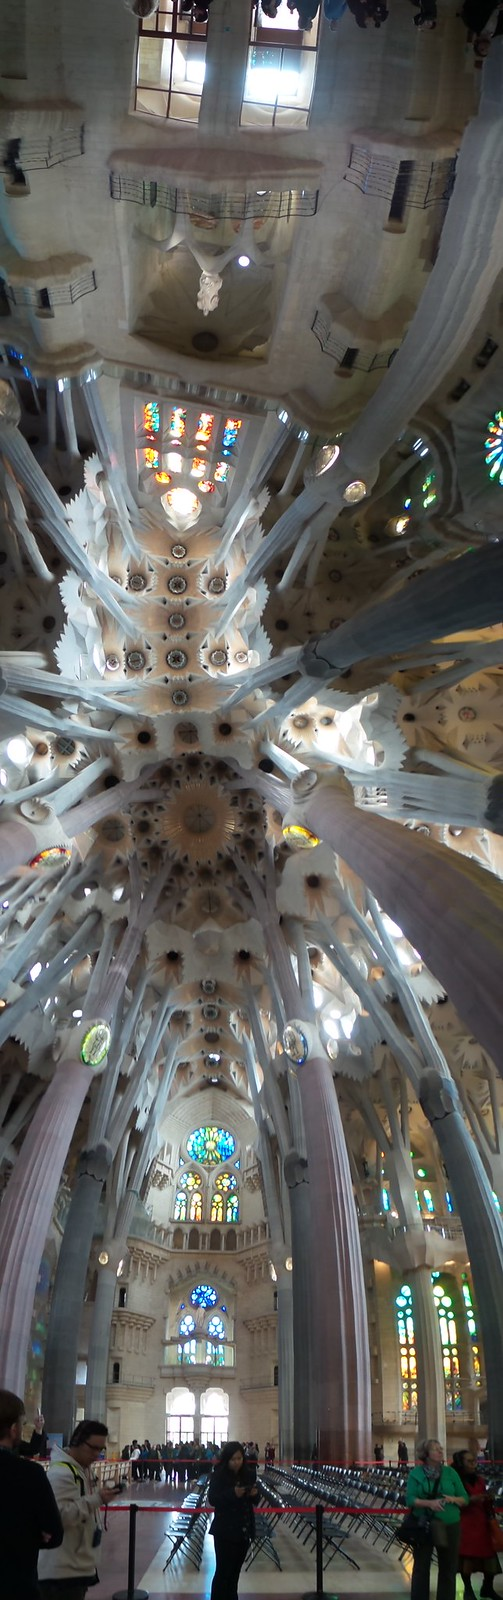 ภาพในวิหาร La Sagrada Família ถ่ายพาโนรามาแนวตั้ง ด้วย Samsung Galaxy Note 3